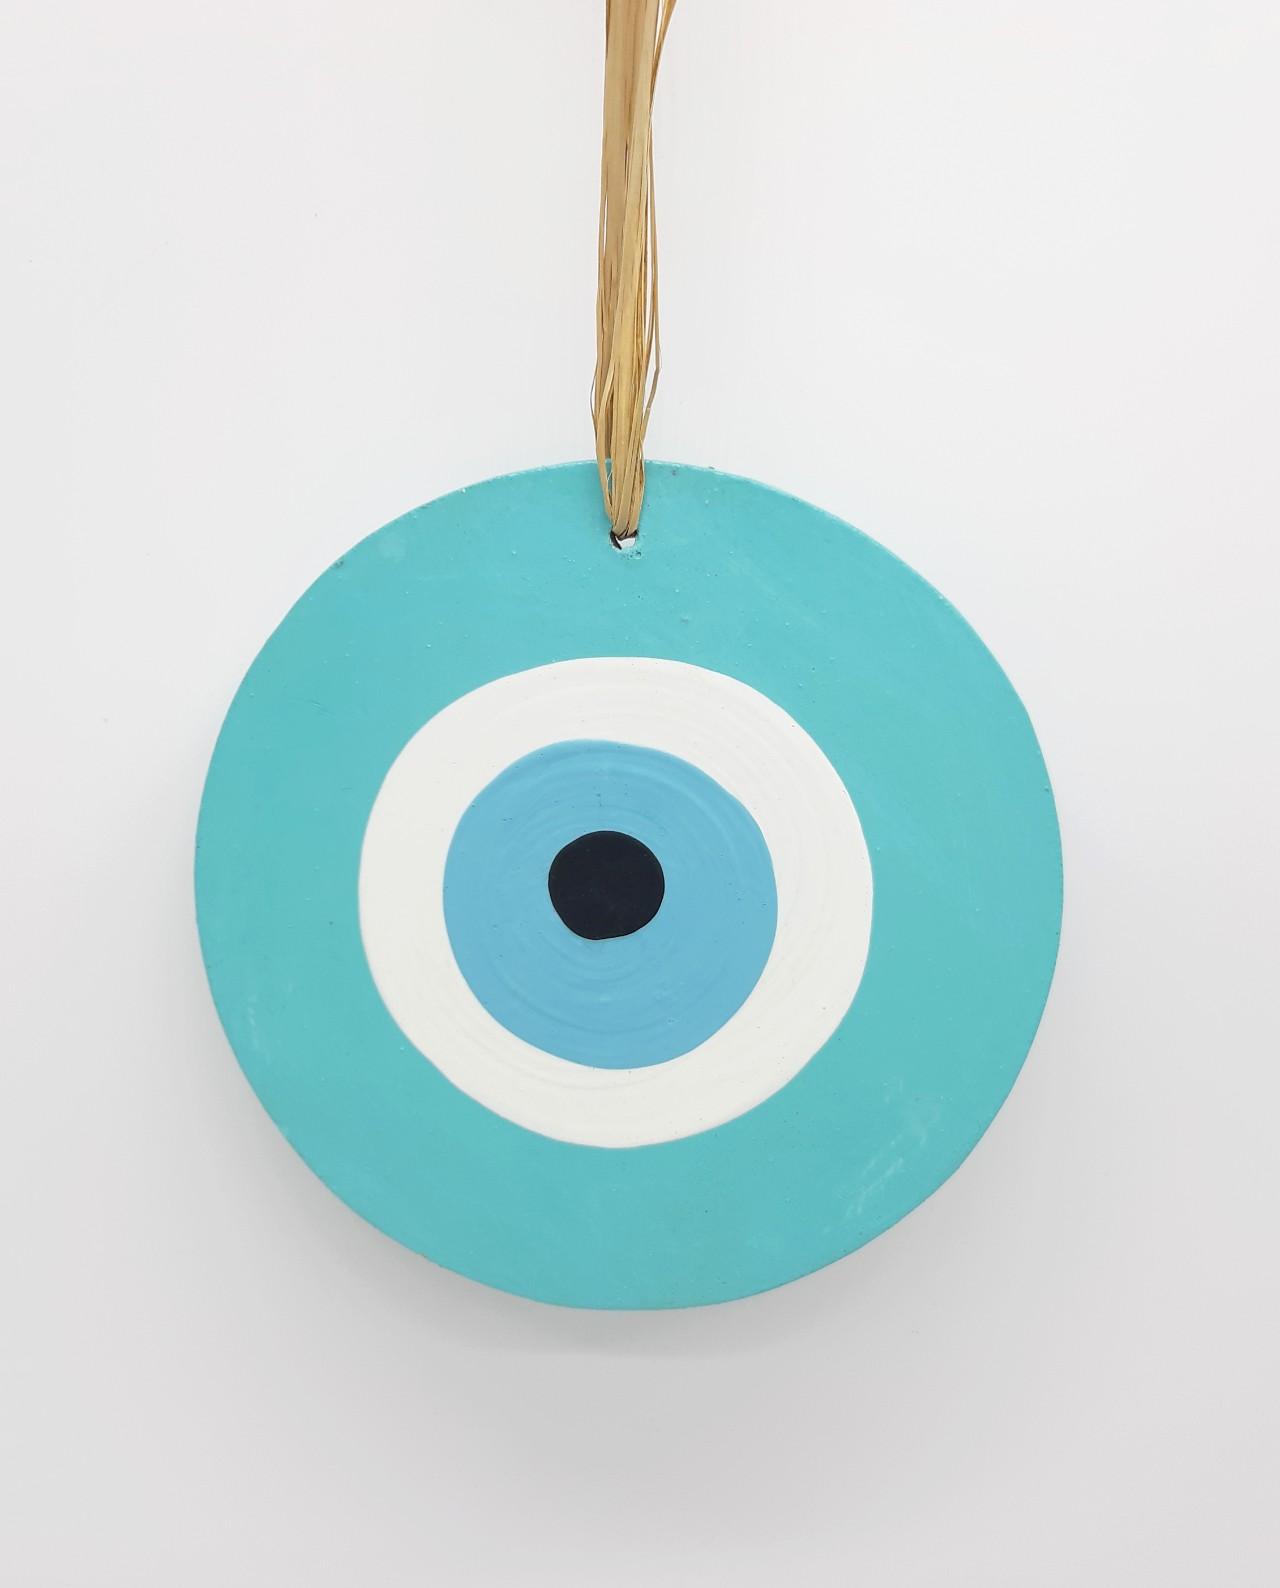 evil eye wooden handmade diameter13cm color turquoise